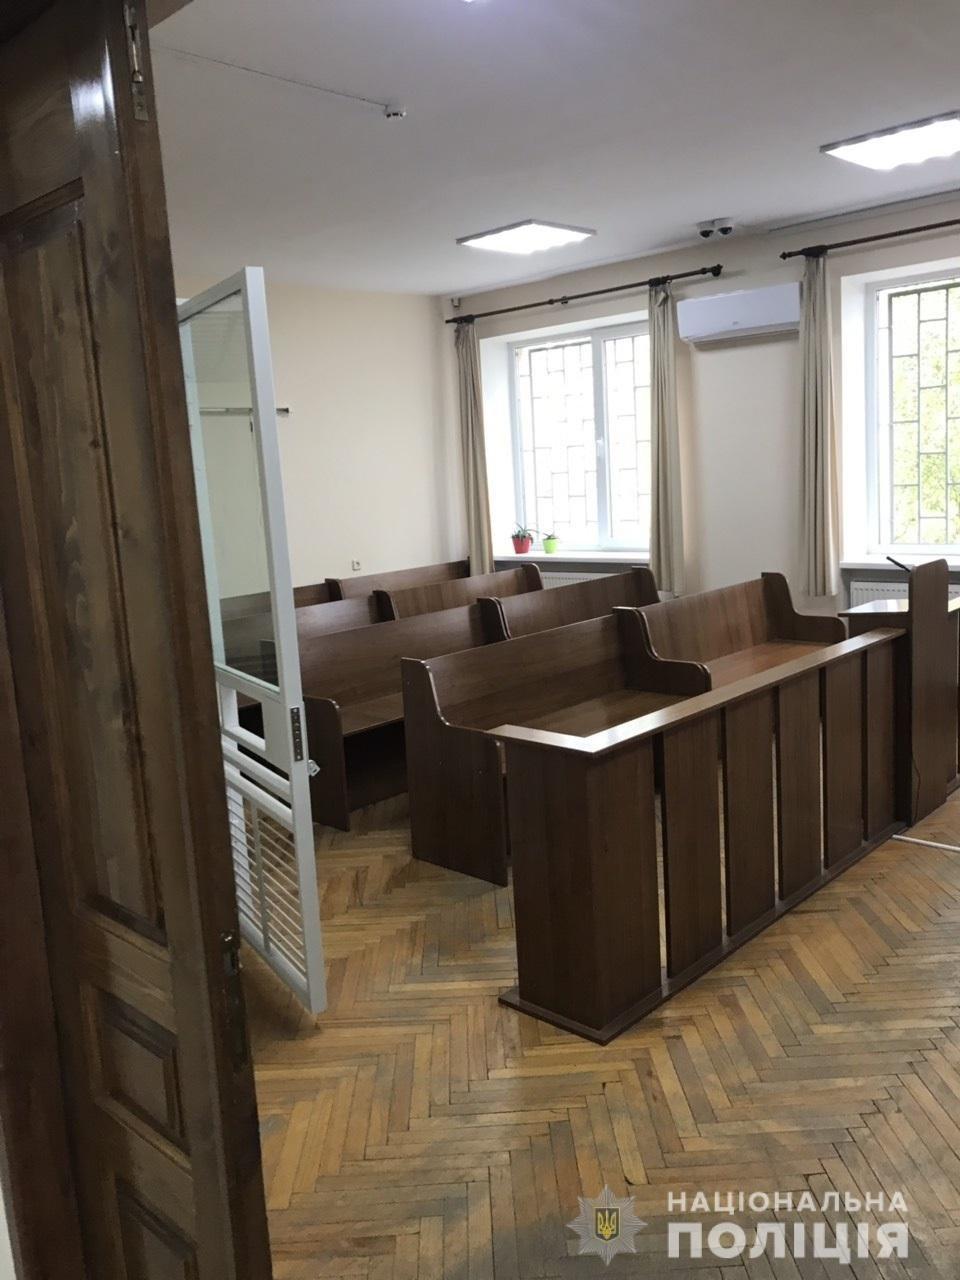 Замінування в ужгородському суді виявилось фейком: поліція розшукує зловмисника (ФОТО), фото-1